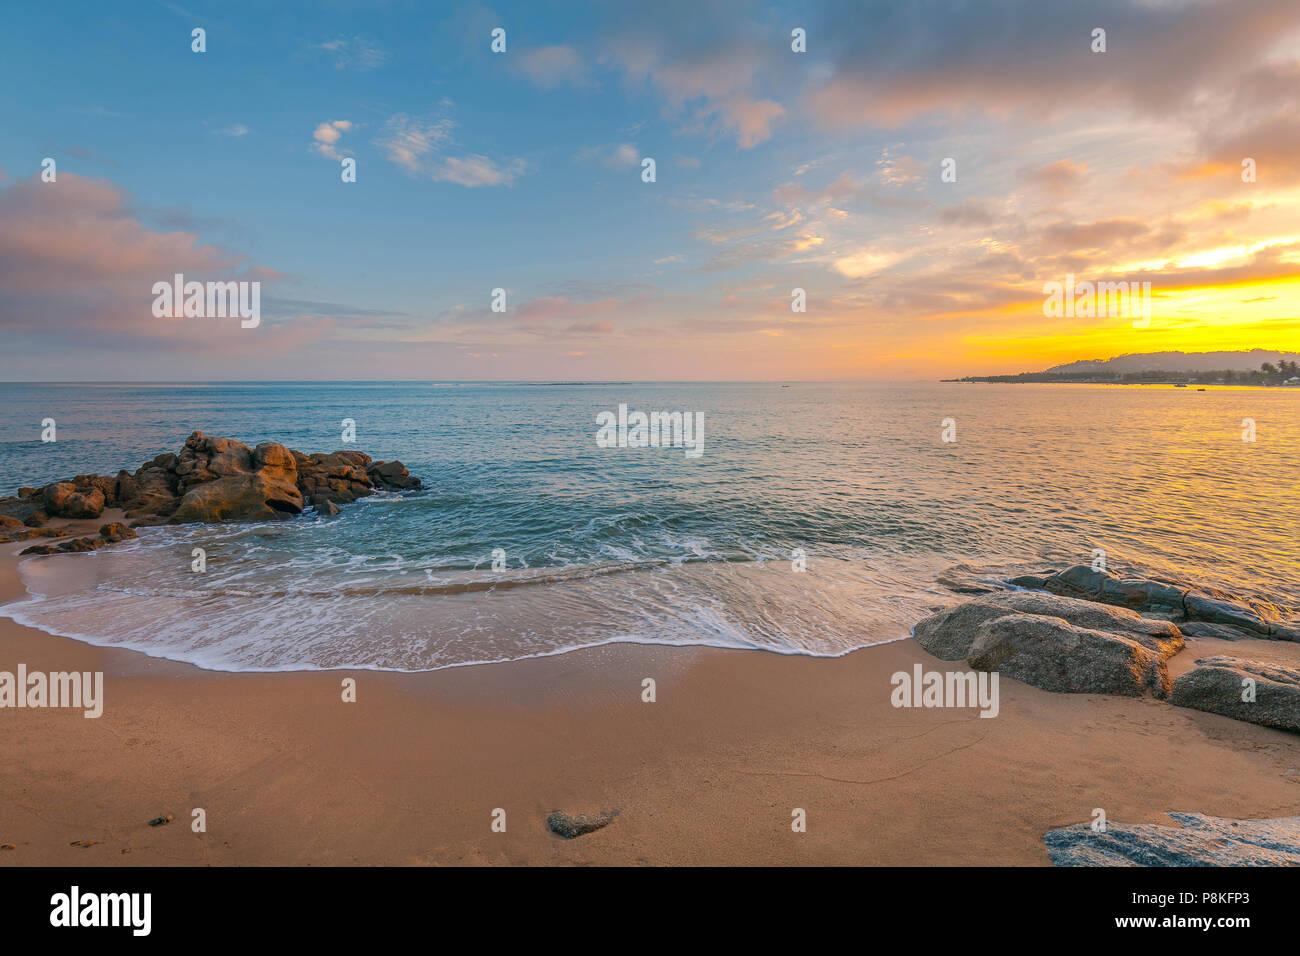 Un coucher de soleil colorés sur l'île de Koh Samui en Thaïlande. Photo Stock